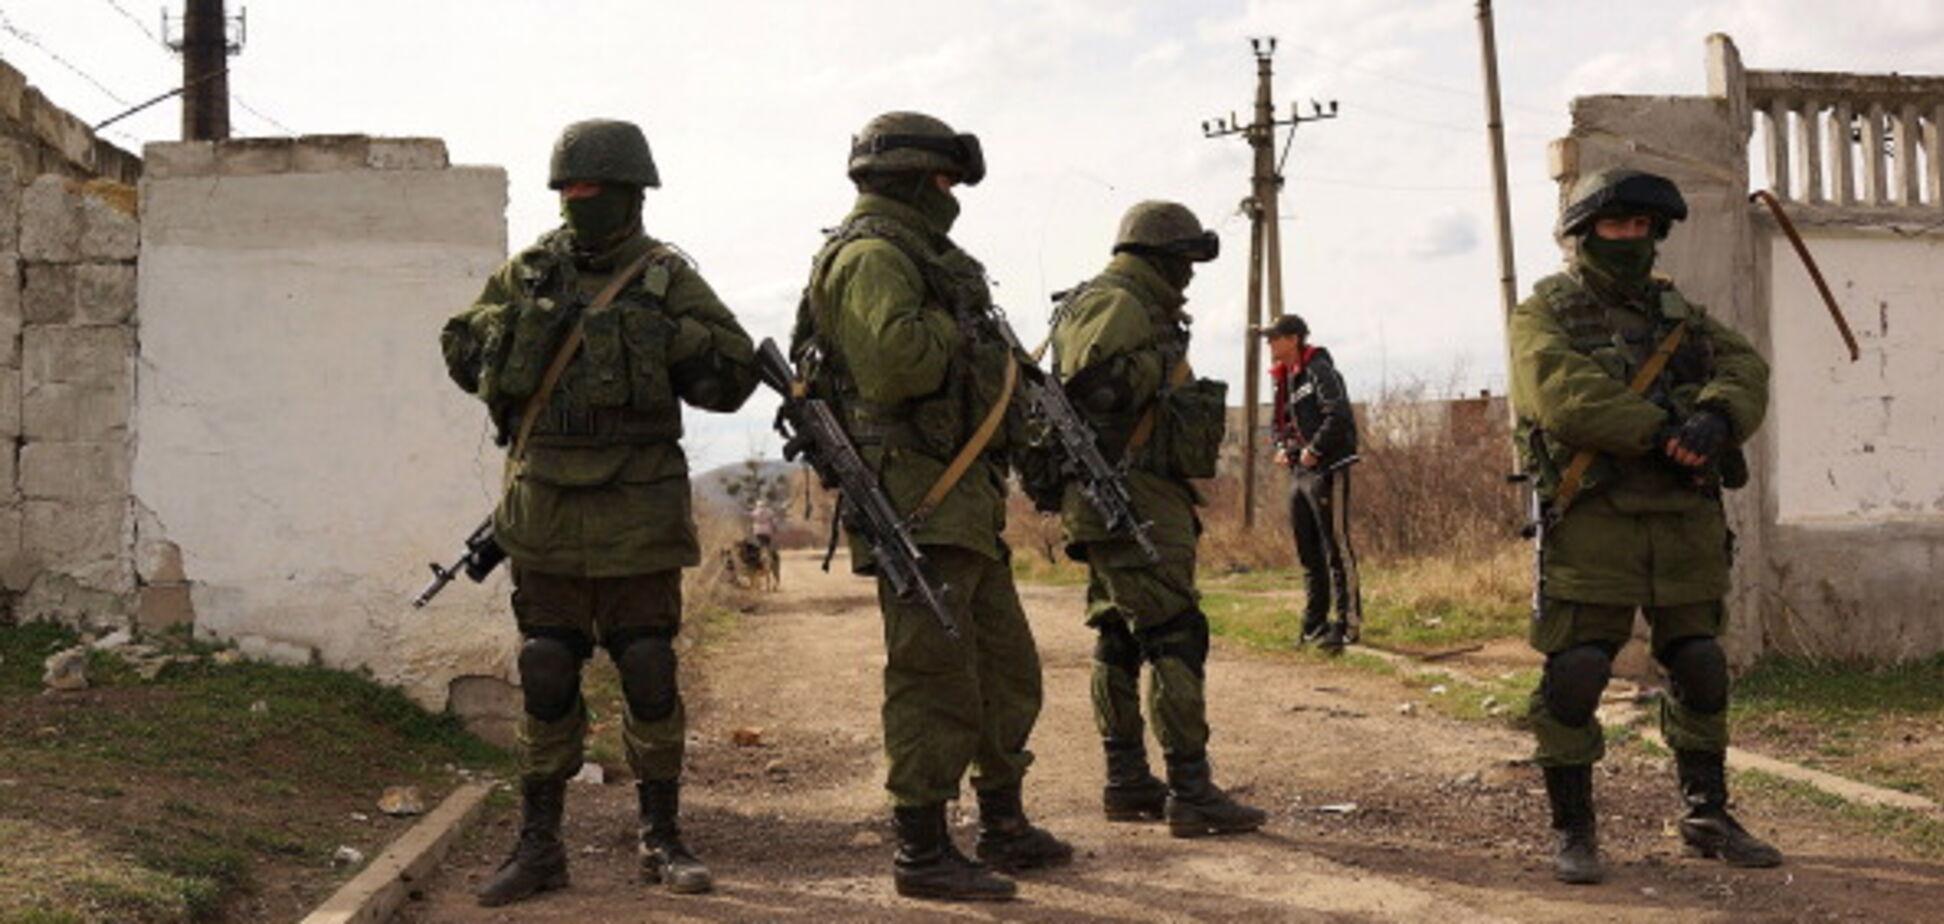 Кремль отправил элитные войска: эксперт объяснил нюанс с аннексией Беларуси